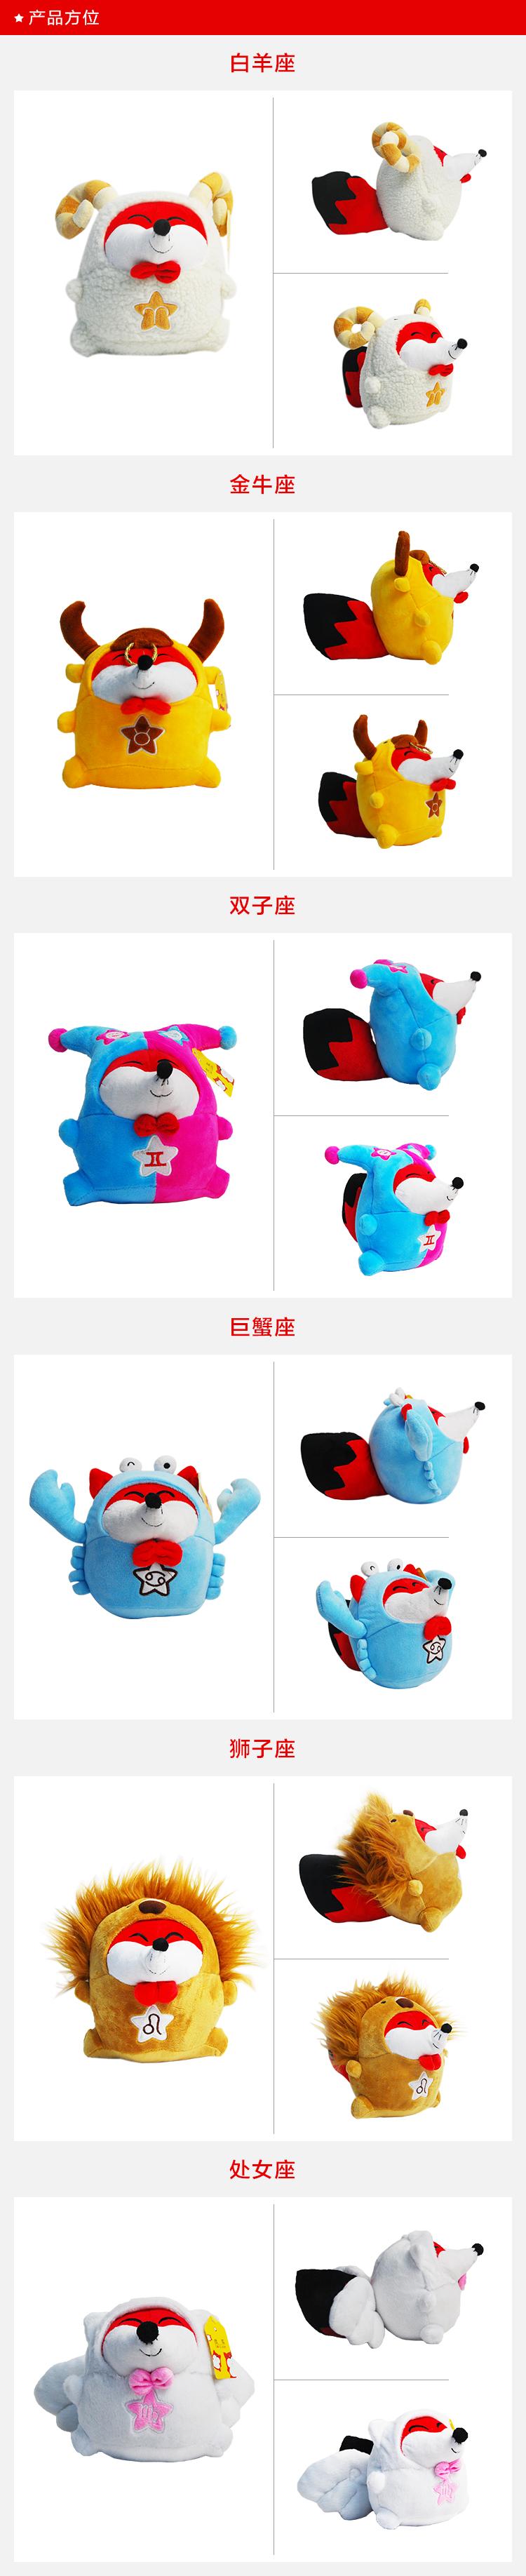 查看《搜狐十二星座毛绒狐狸玩具设计》原图,原图尺寸:750x3672